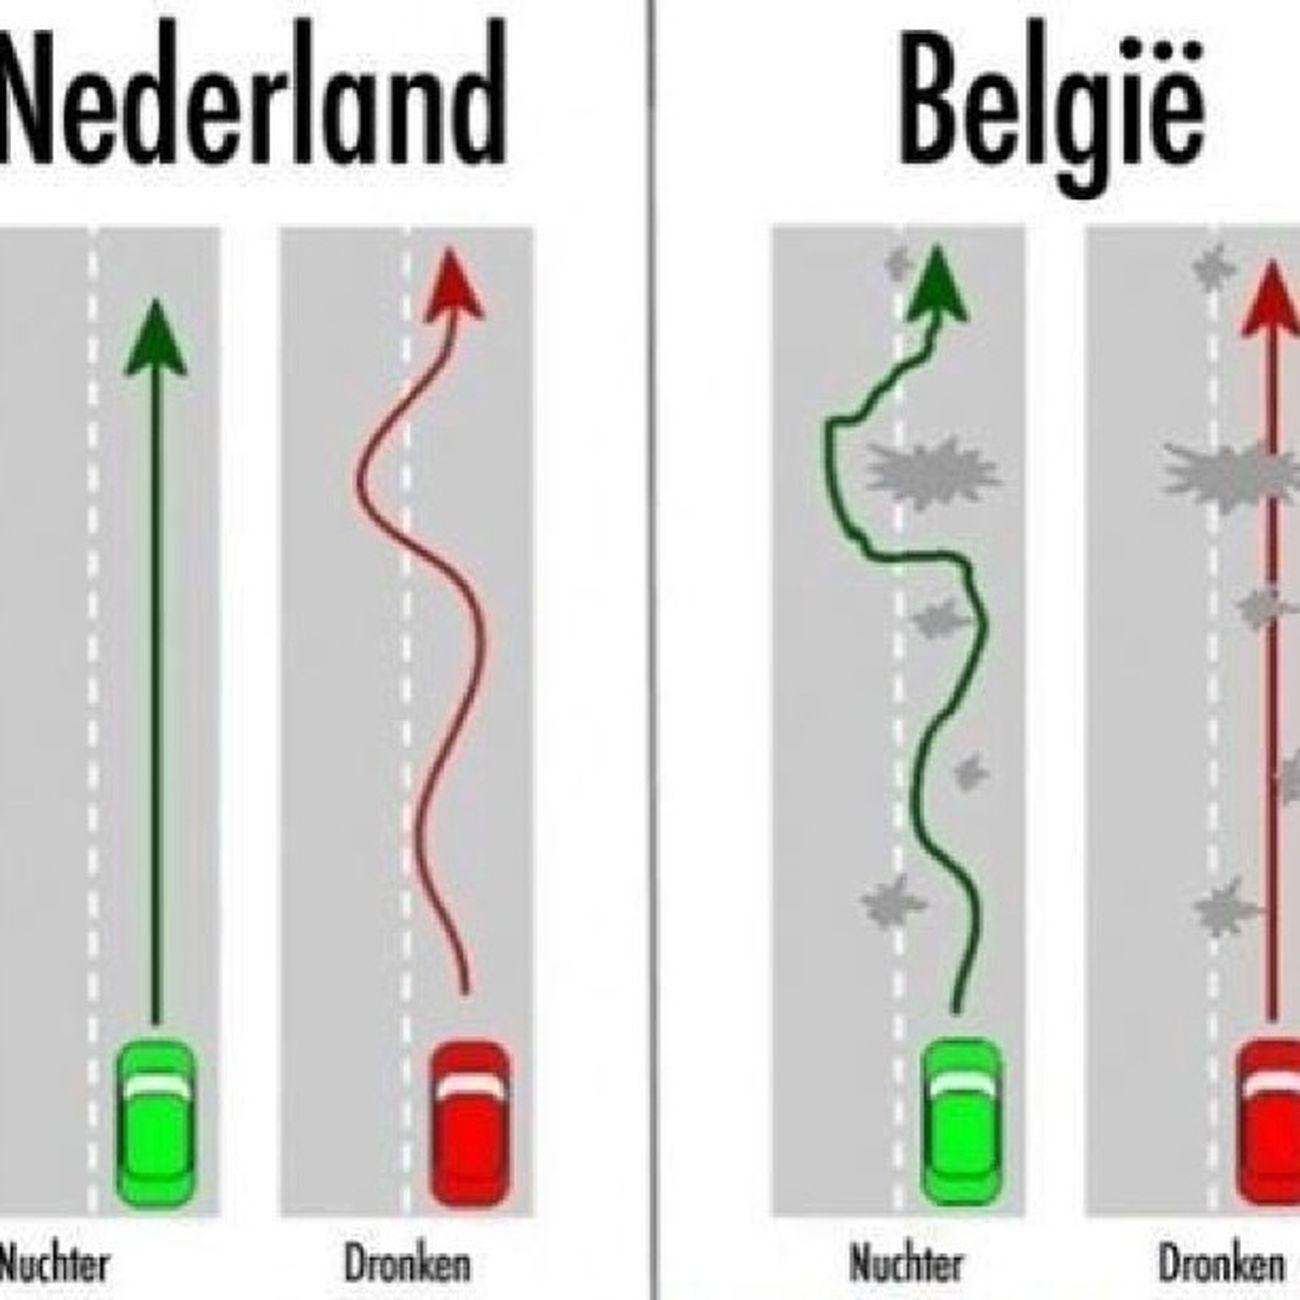 Nederland Belgie Recht Scheef kromwtfnuchterdronkenomgjeetjehahalolautomensengedragbierwijnalchoholsnapjehem